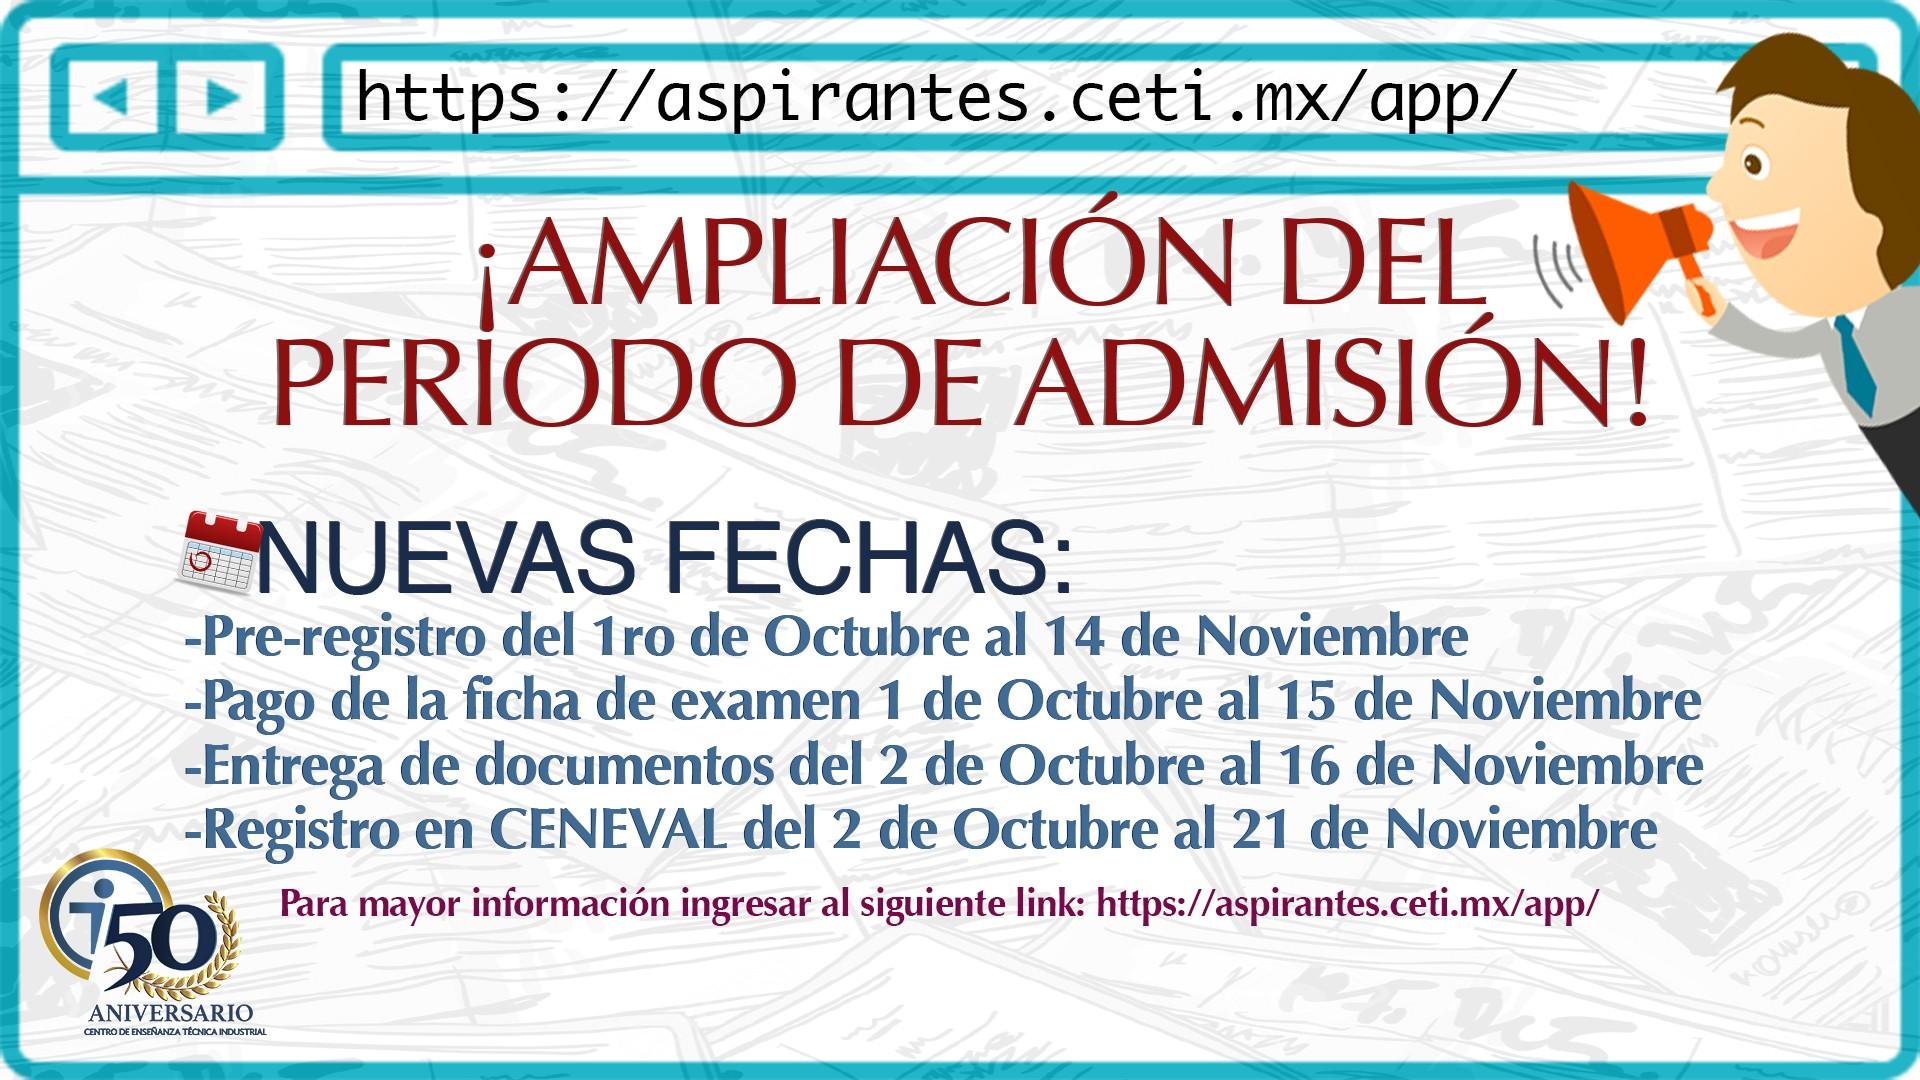 Calendario Escolar 2019 Veracruz Más Actual Control Escolar Of Calendario Escolar 2019 Veracruz Mejores Y Más Novedosos Inicio